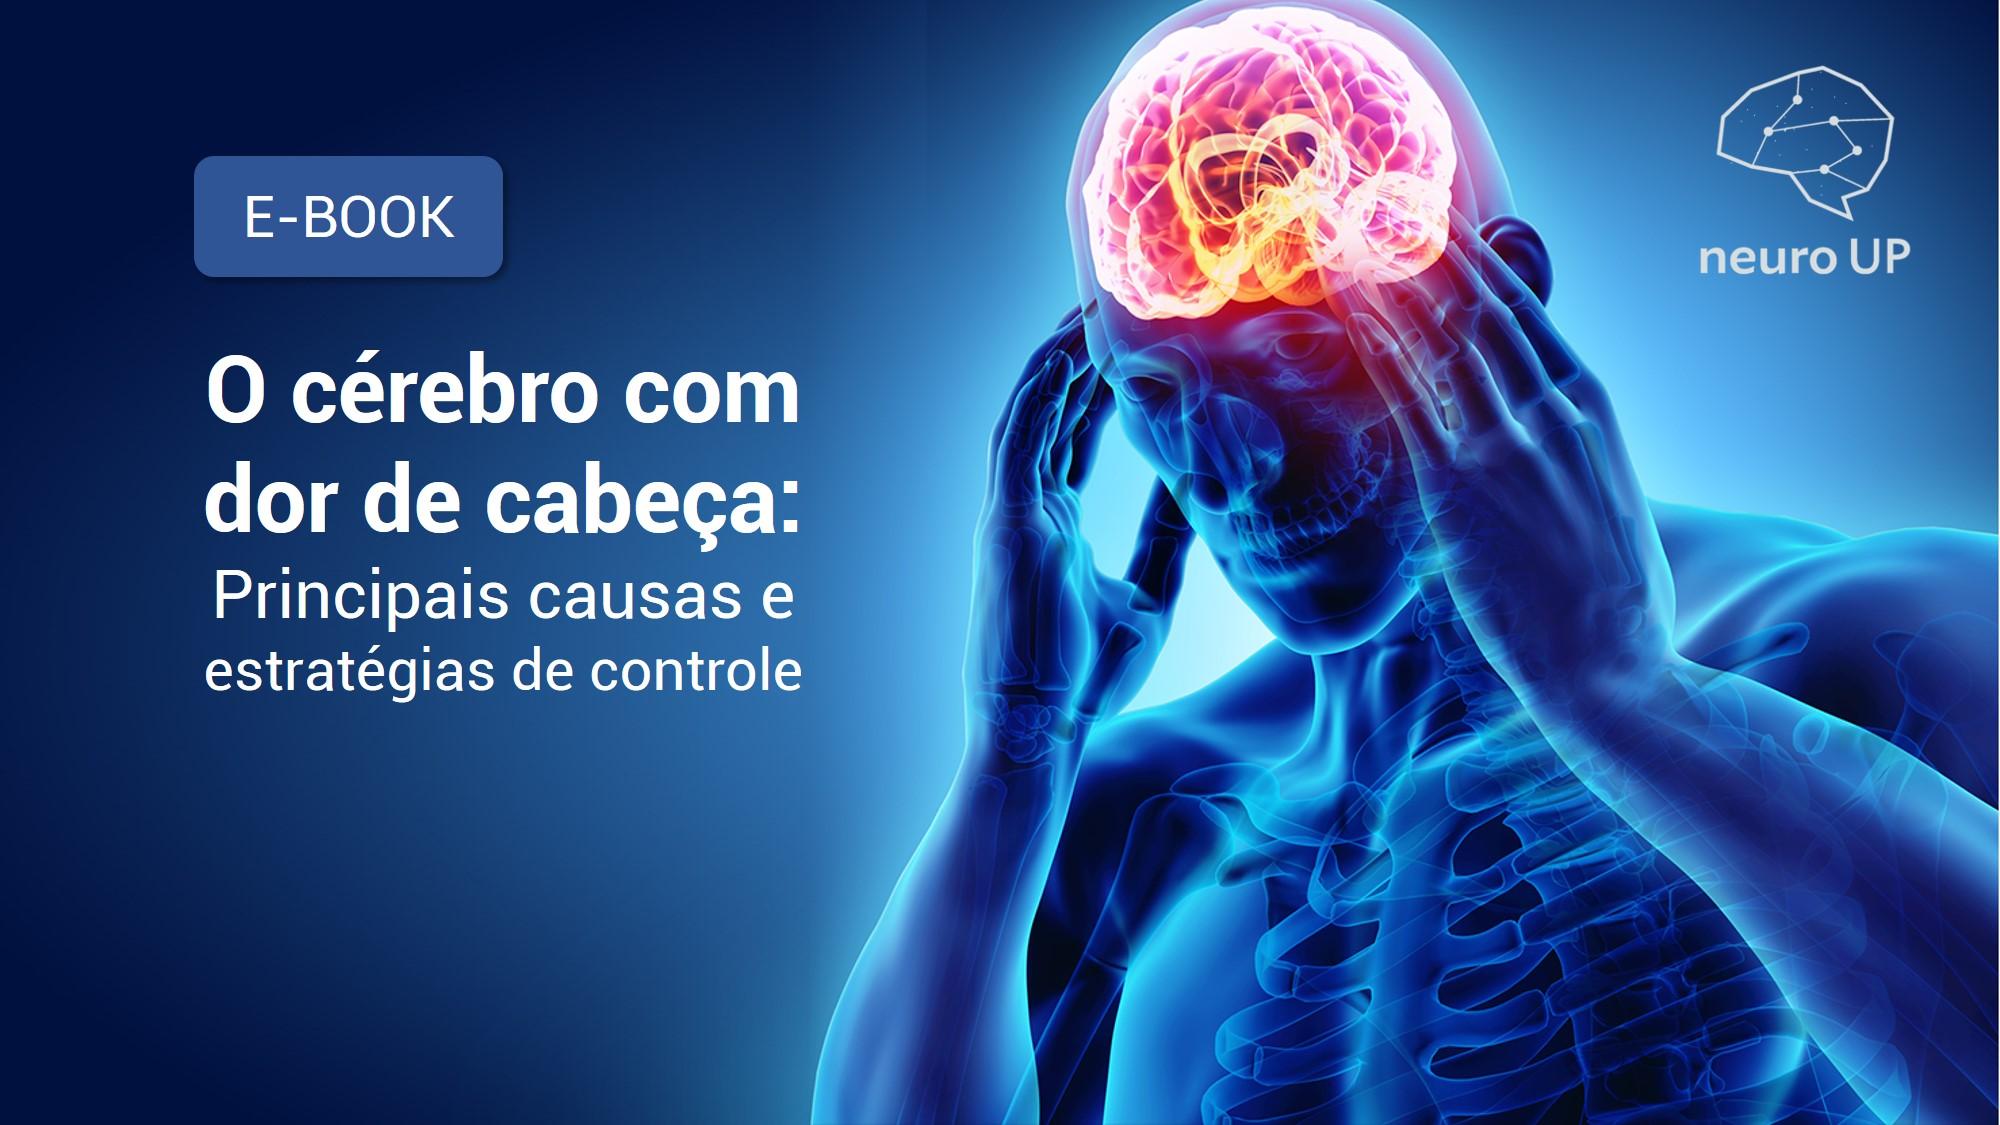 O cérebro com dor de cabeça – principais causas e estrategias de controle